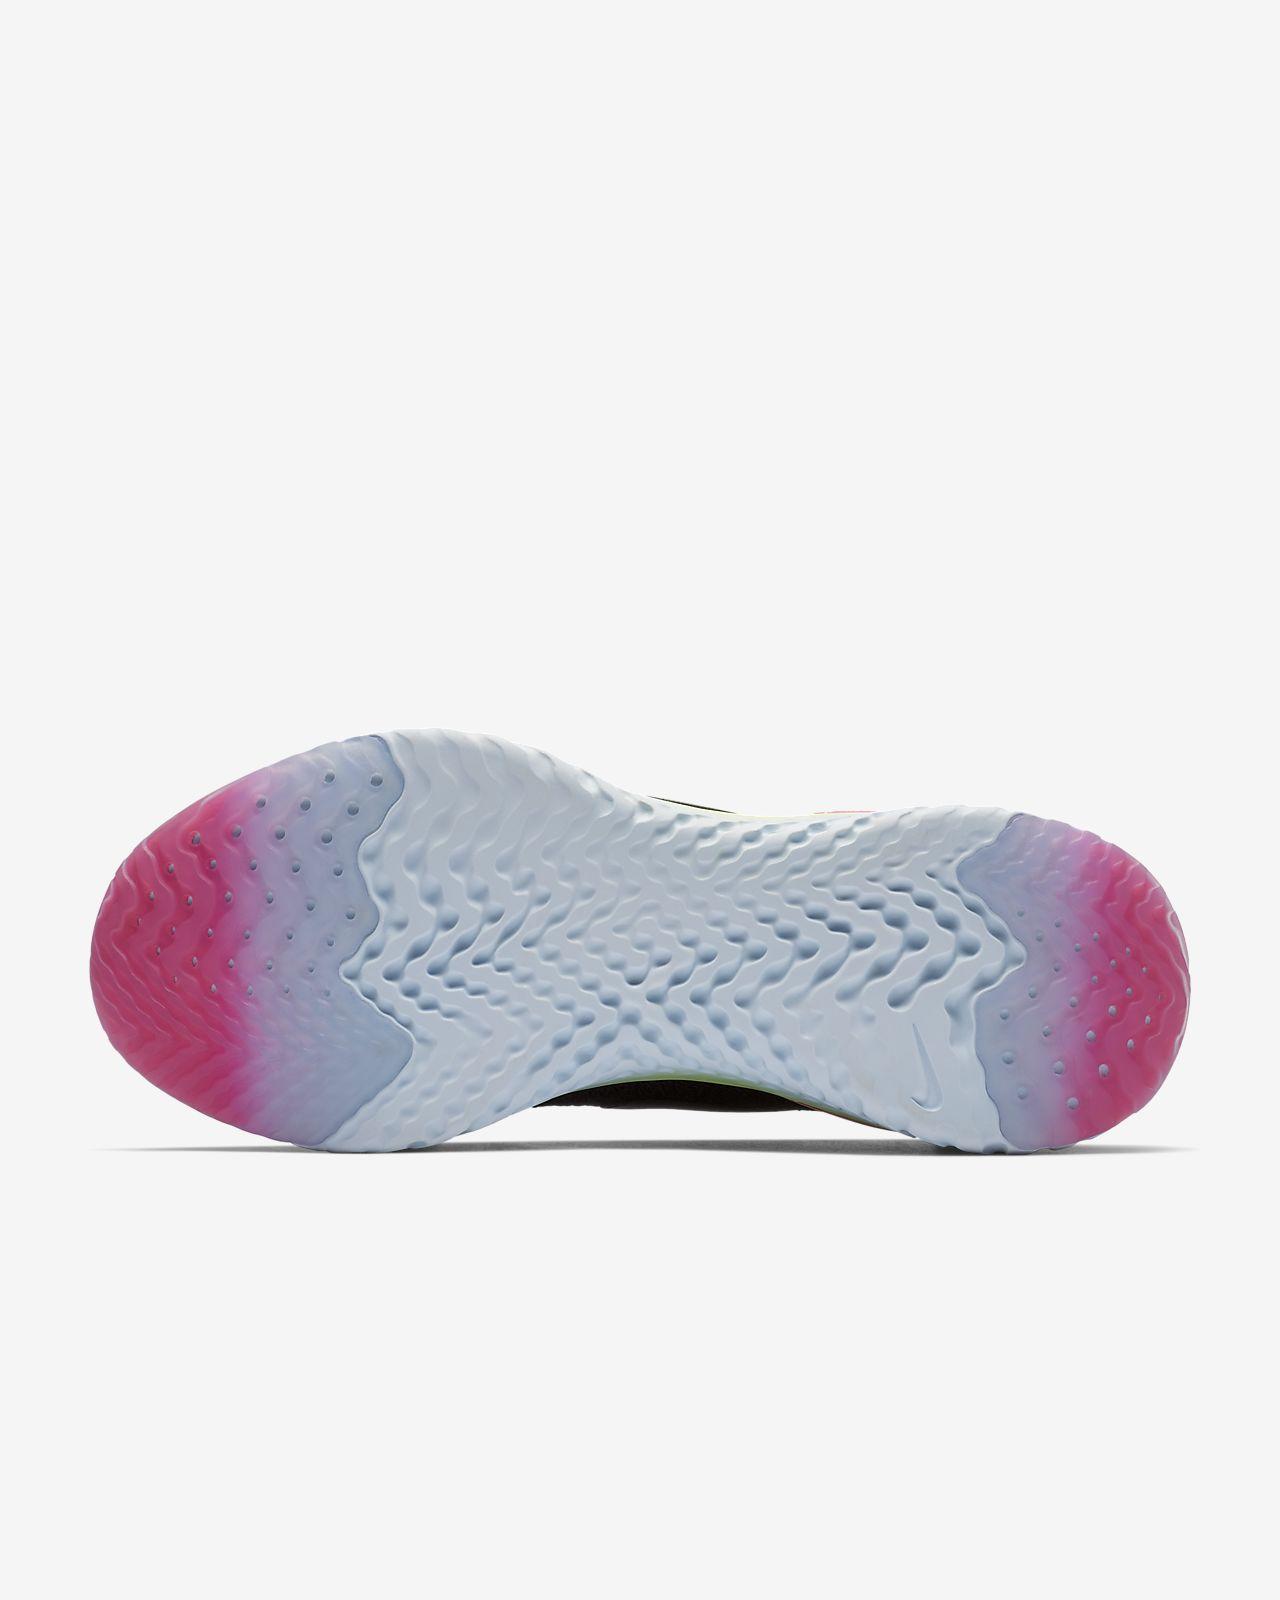 6325a5336ad Nike Epic React Flyknit 2 Women s Running Shoe. Nike.com